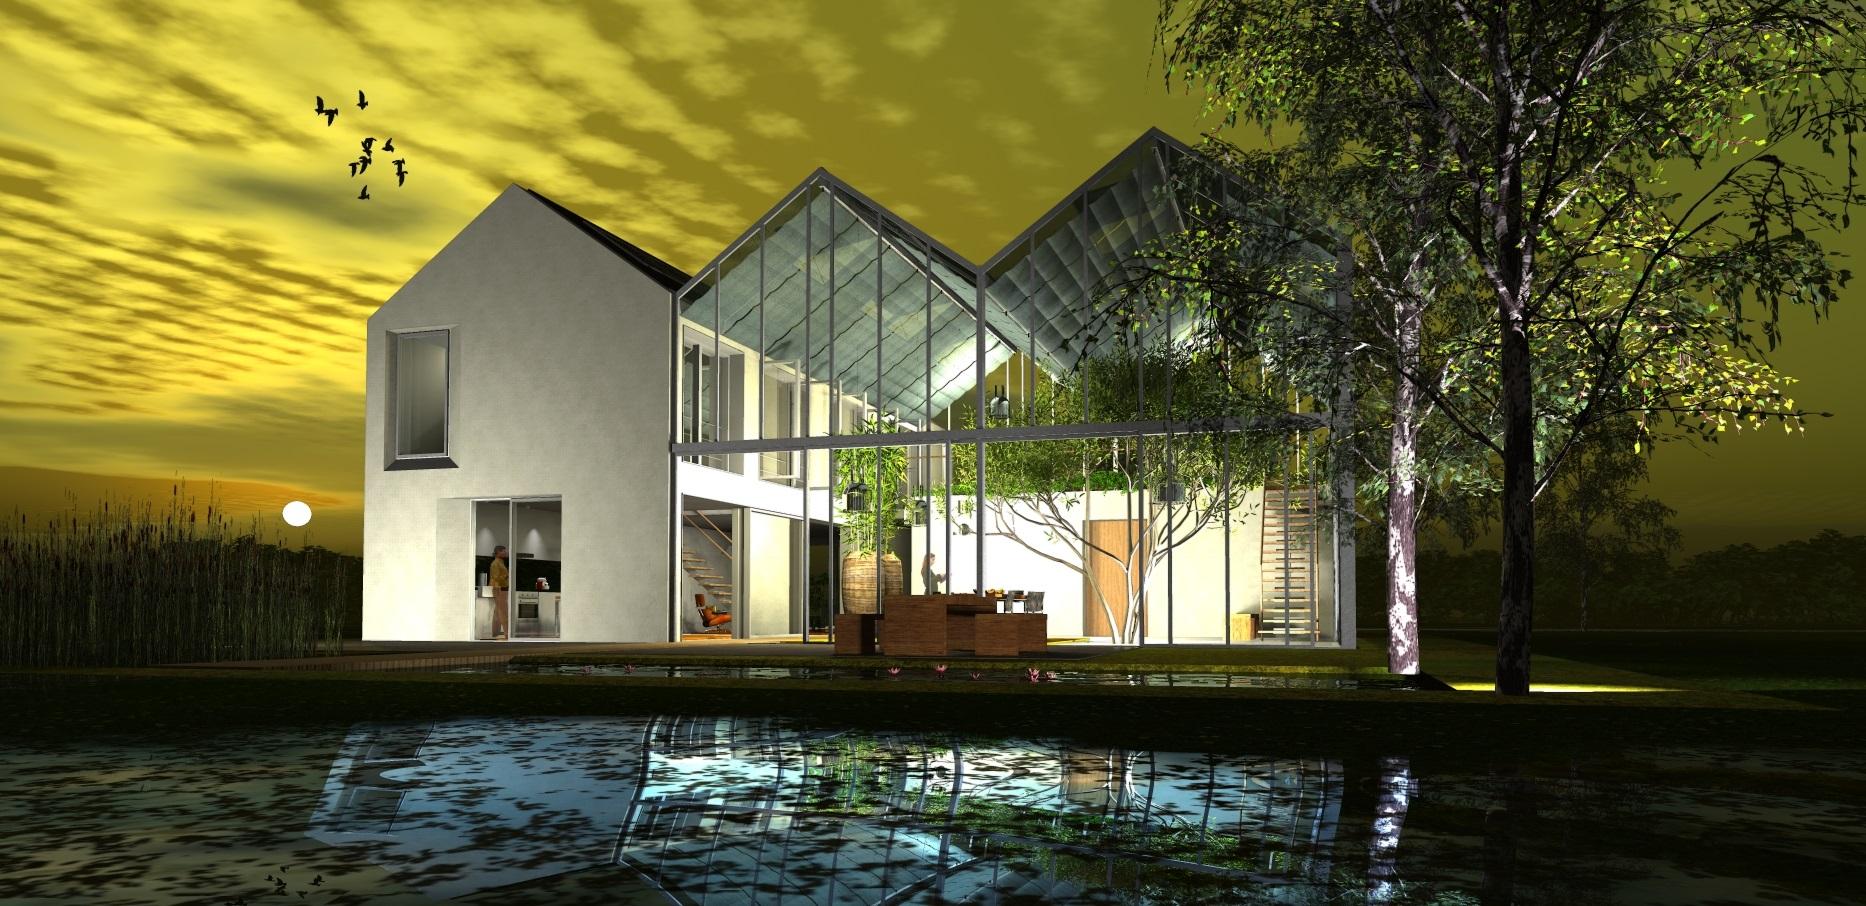 Duurzaam bouwen realiseren door aannemer amsterdam for Aannemer huis bouwen